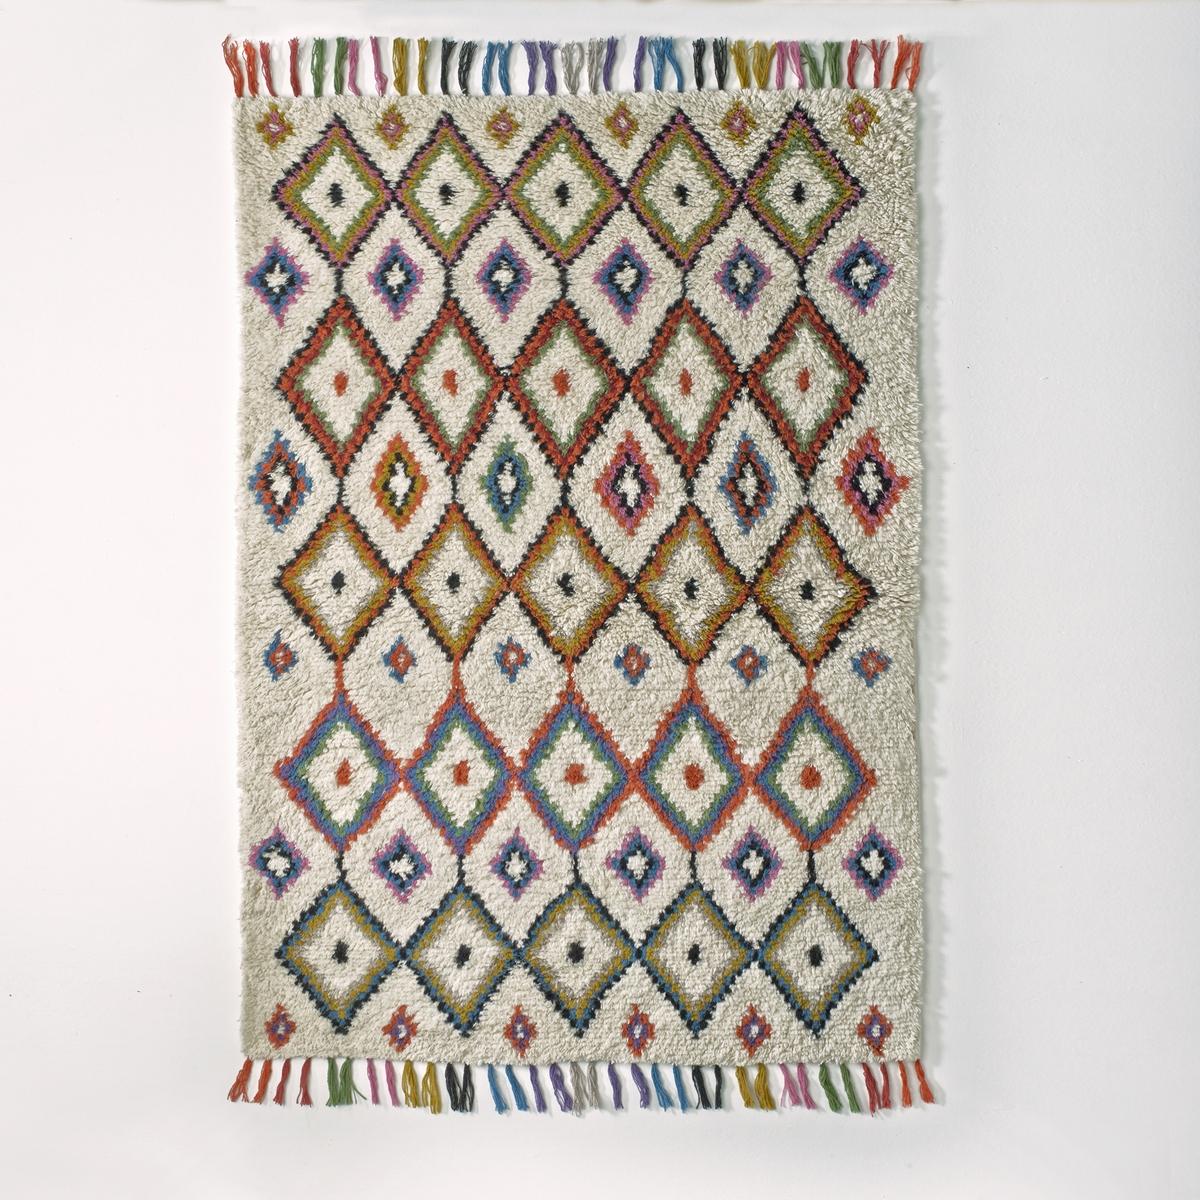 Ковер La Redoute В берберском стиле Ourika 120 x 170 см разноцветный ковер la redoute шерсть в берберском стиле anton 120 x 170 см бежевый